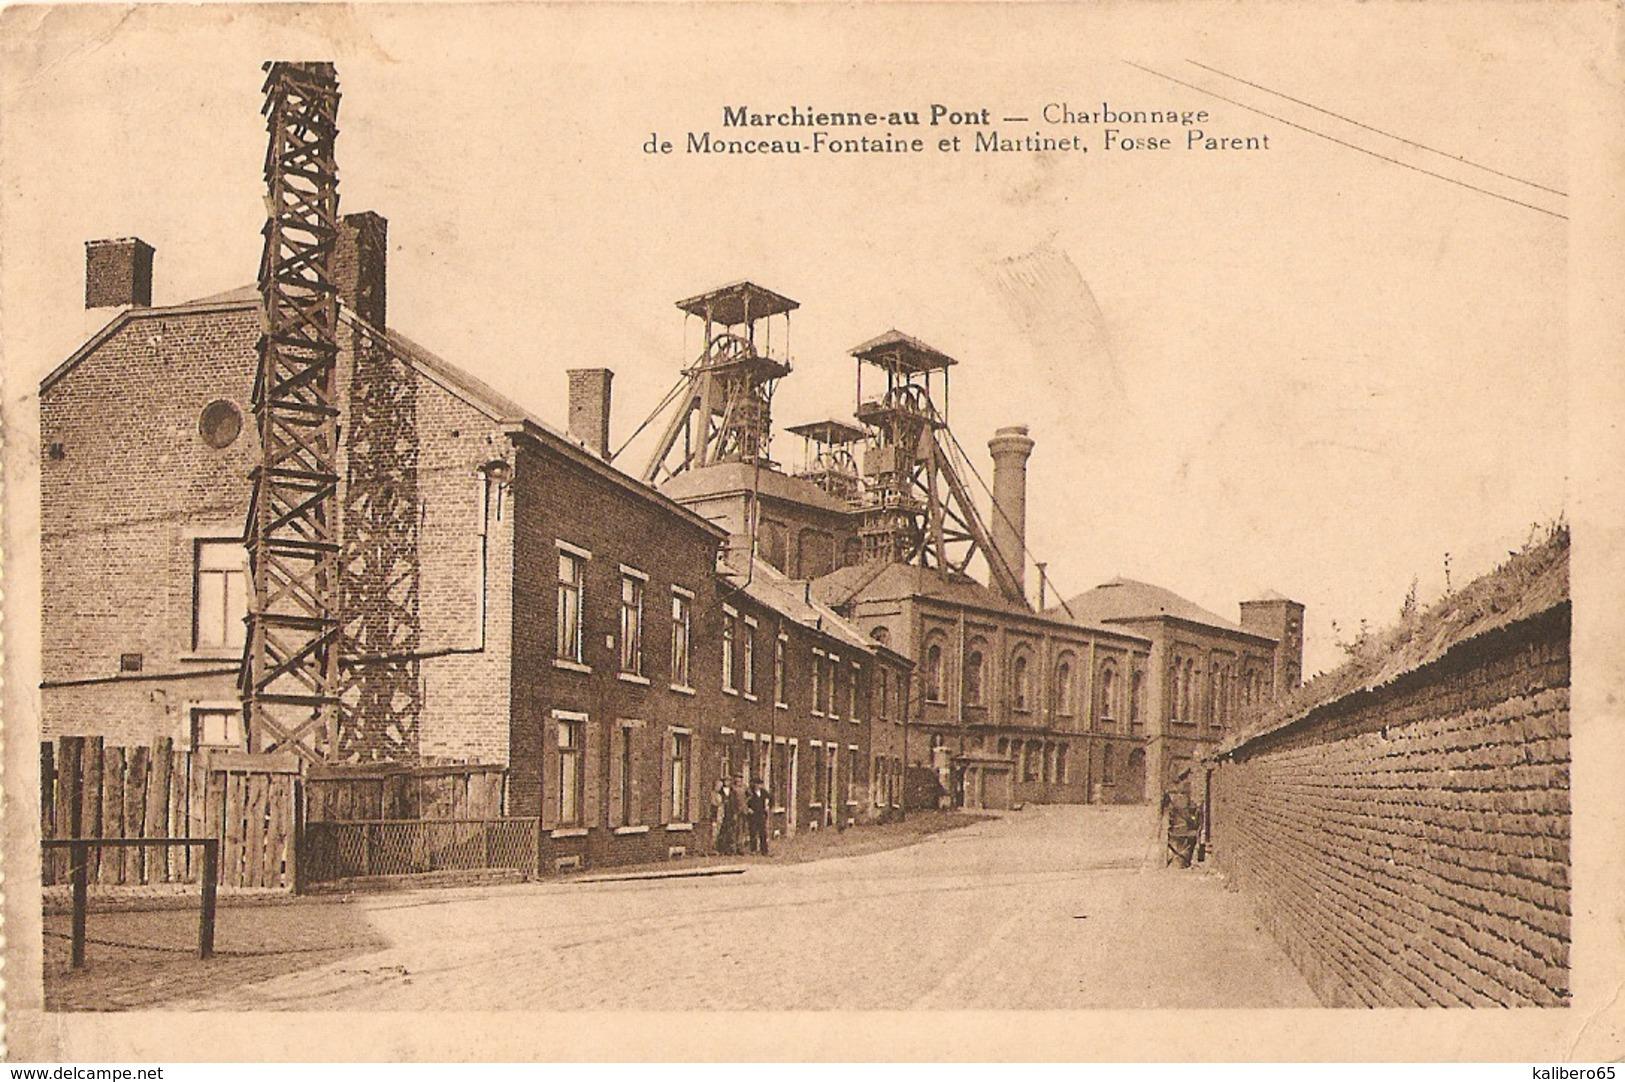 Marchienne-au-Pont Charbonnage De Monceau-Fontaine Et Martinet Fosse Parent - Autres